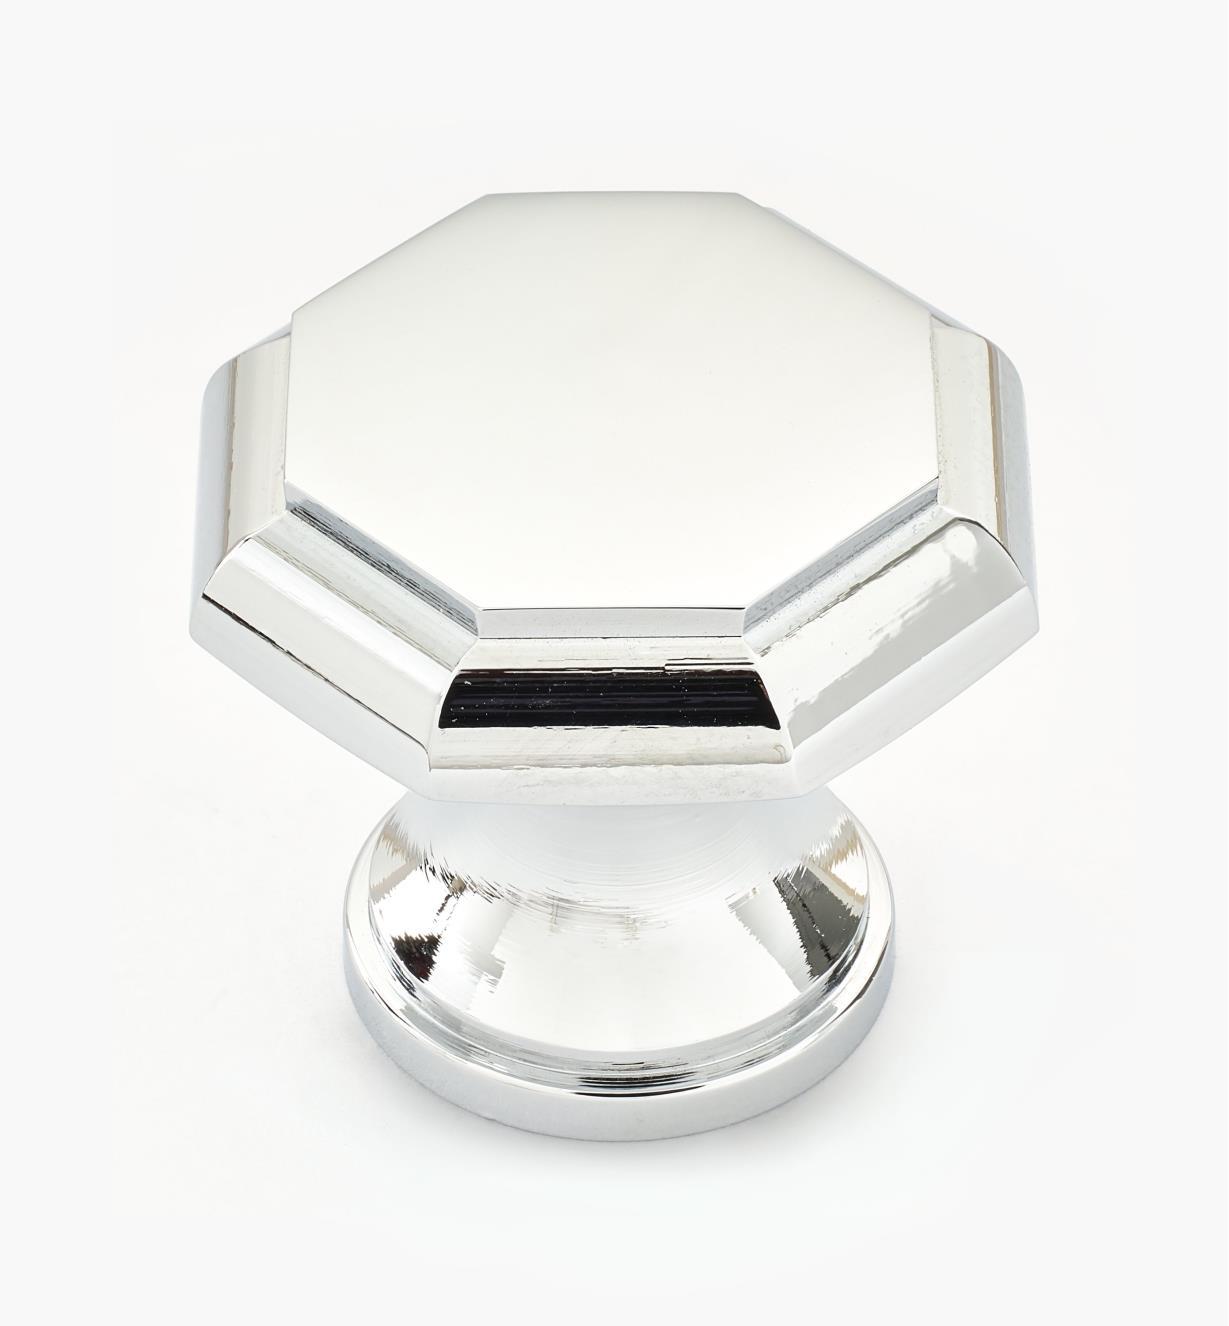 01W1201 - Bouton octogonal, chromé, 1 1/8 po x 1 po